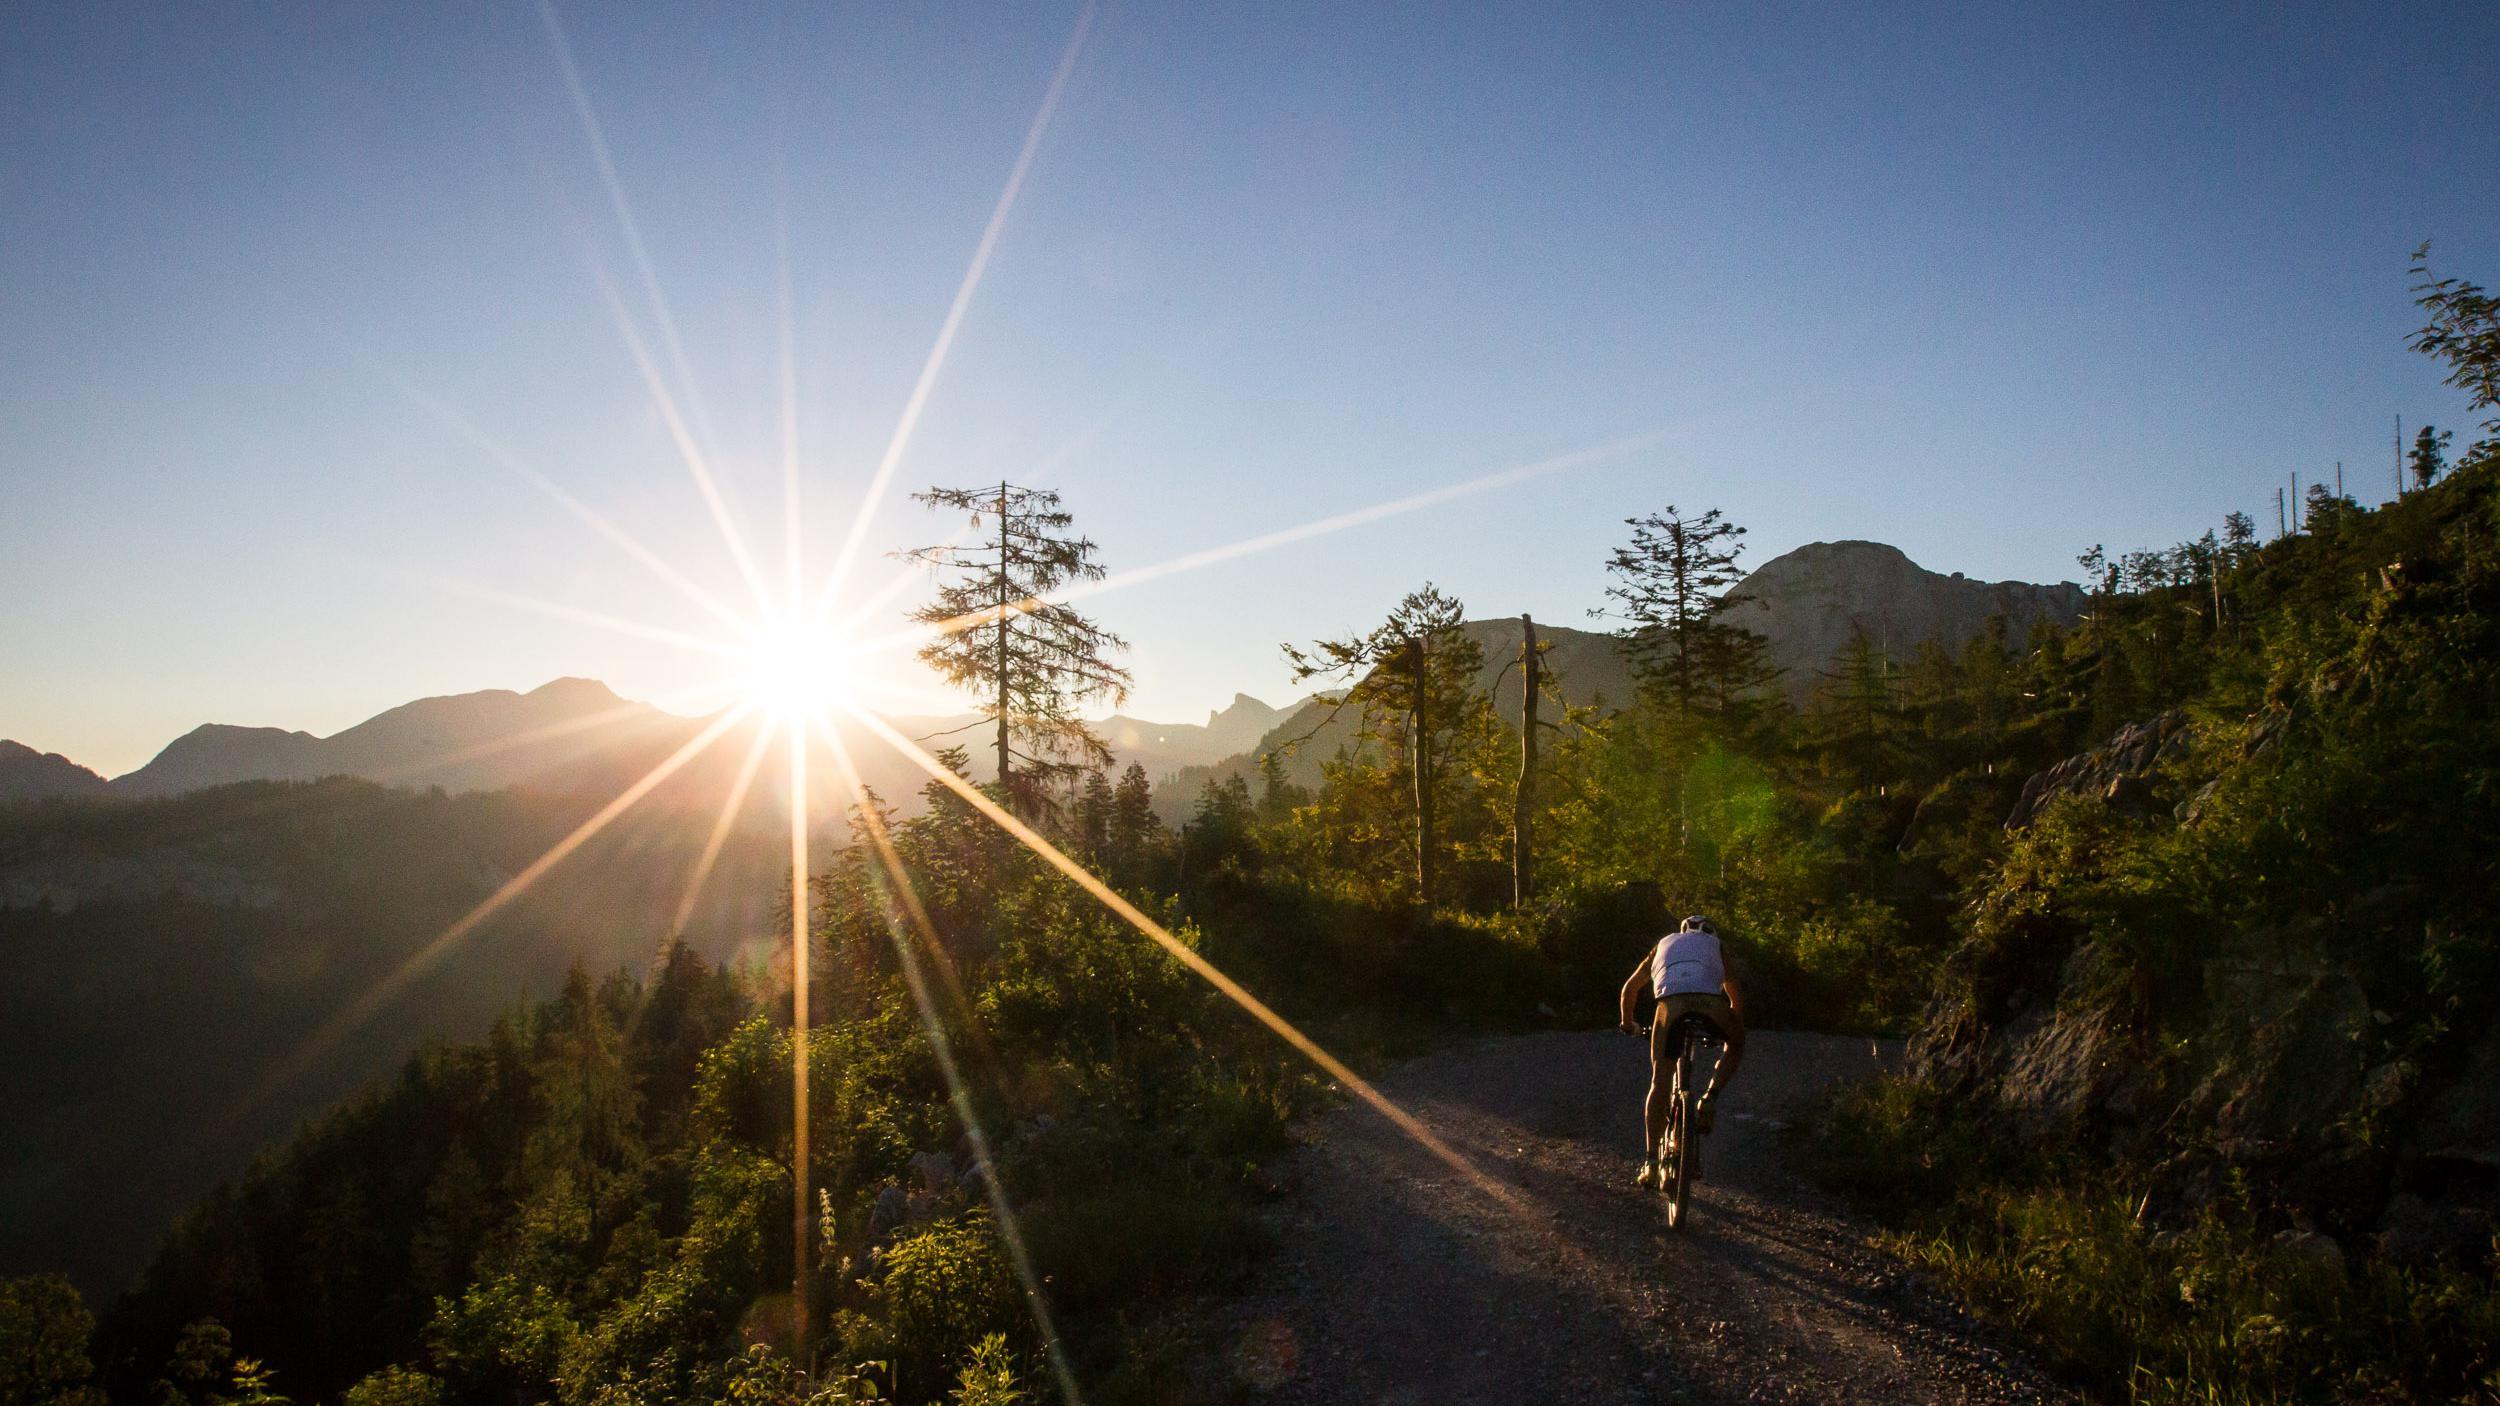 Doch nichts geht über den Moment, wenn die Biker zum ersten Mal die Sonne sehen (Foto: Raschberg 2015)